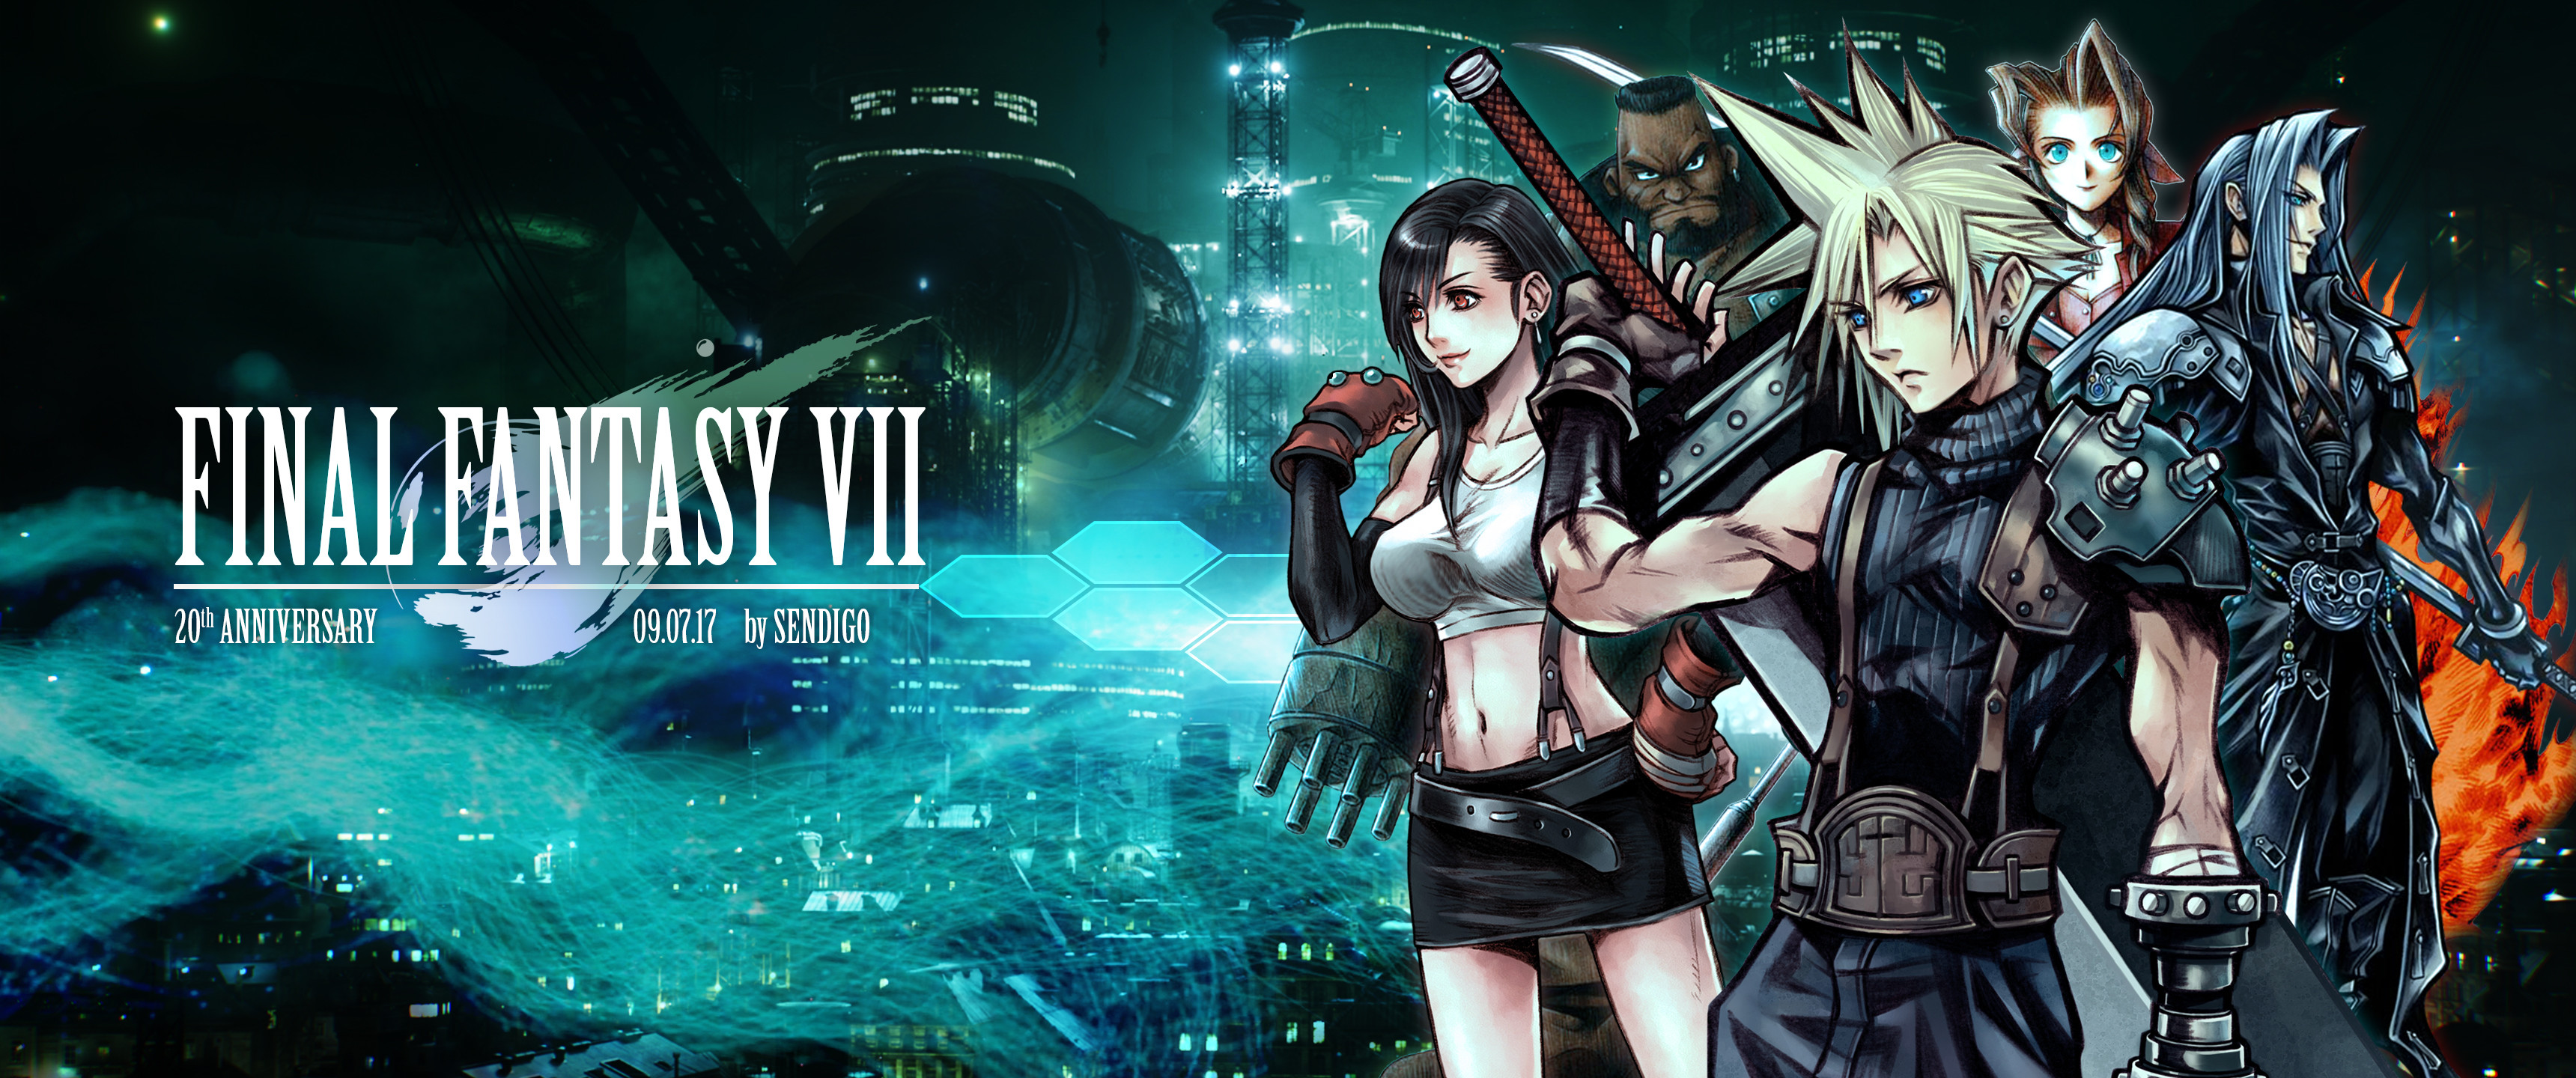 Final Fantasy Vii Remake Wallpaper 89 Images